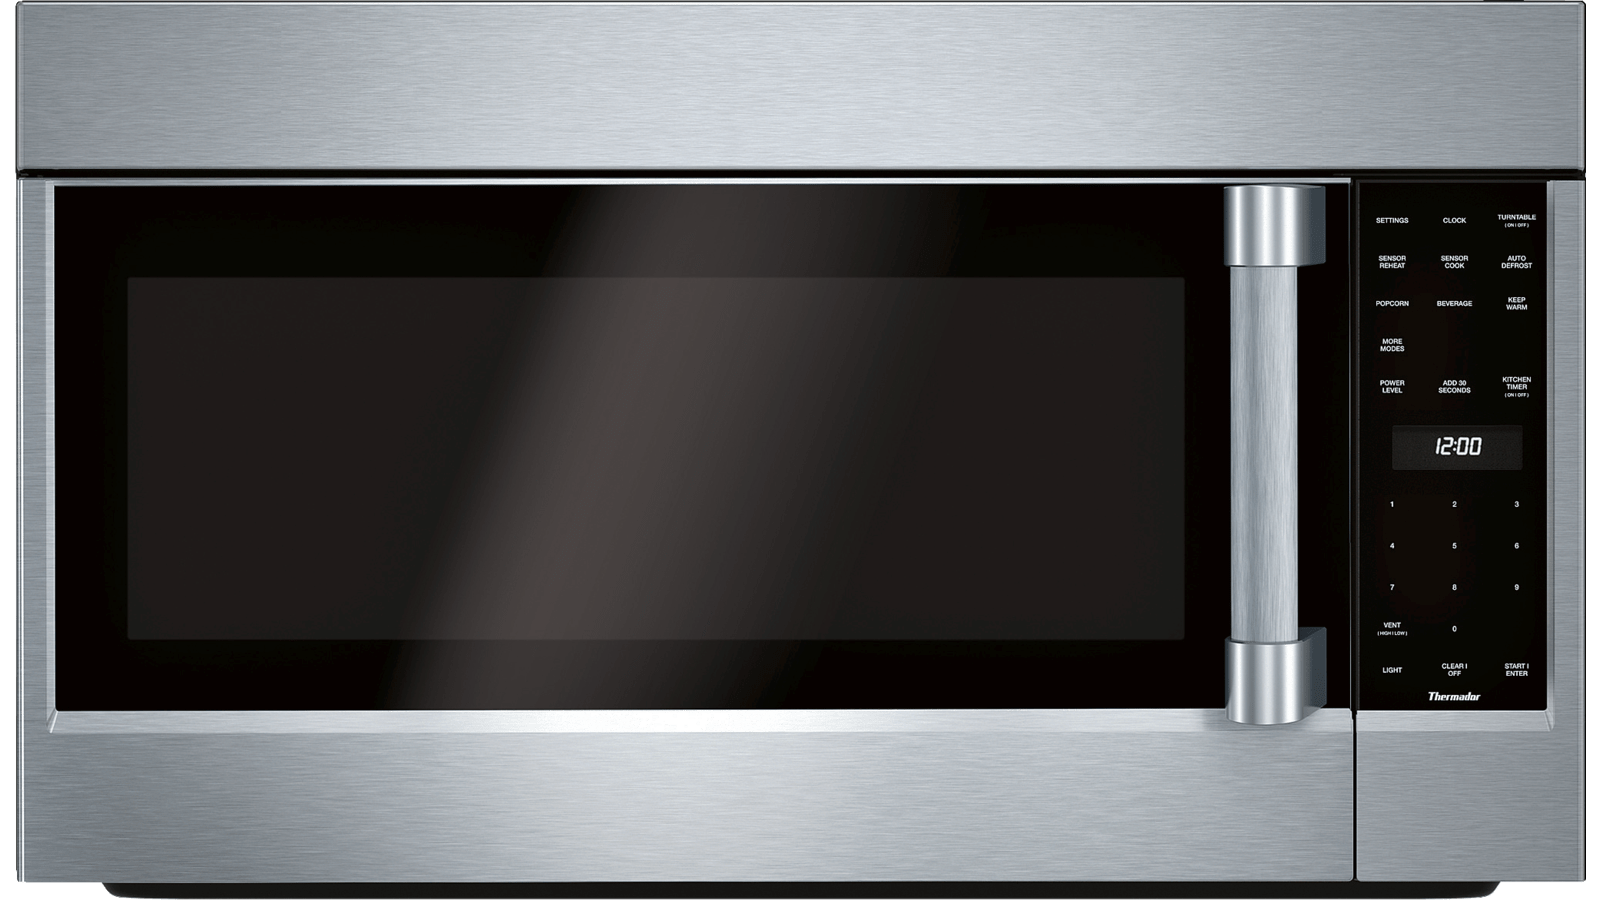 Hotte Avec Micro Onde Intégré micro-ondes à hotte intégrée mu30rsc - mu30rsc | thermador